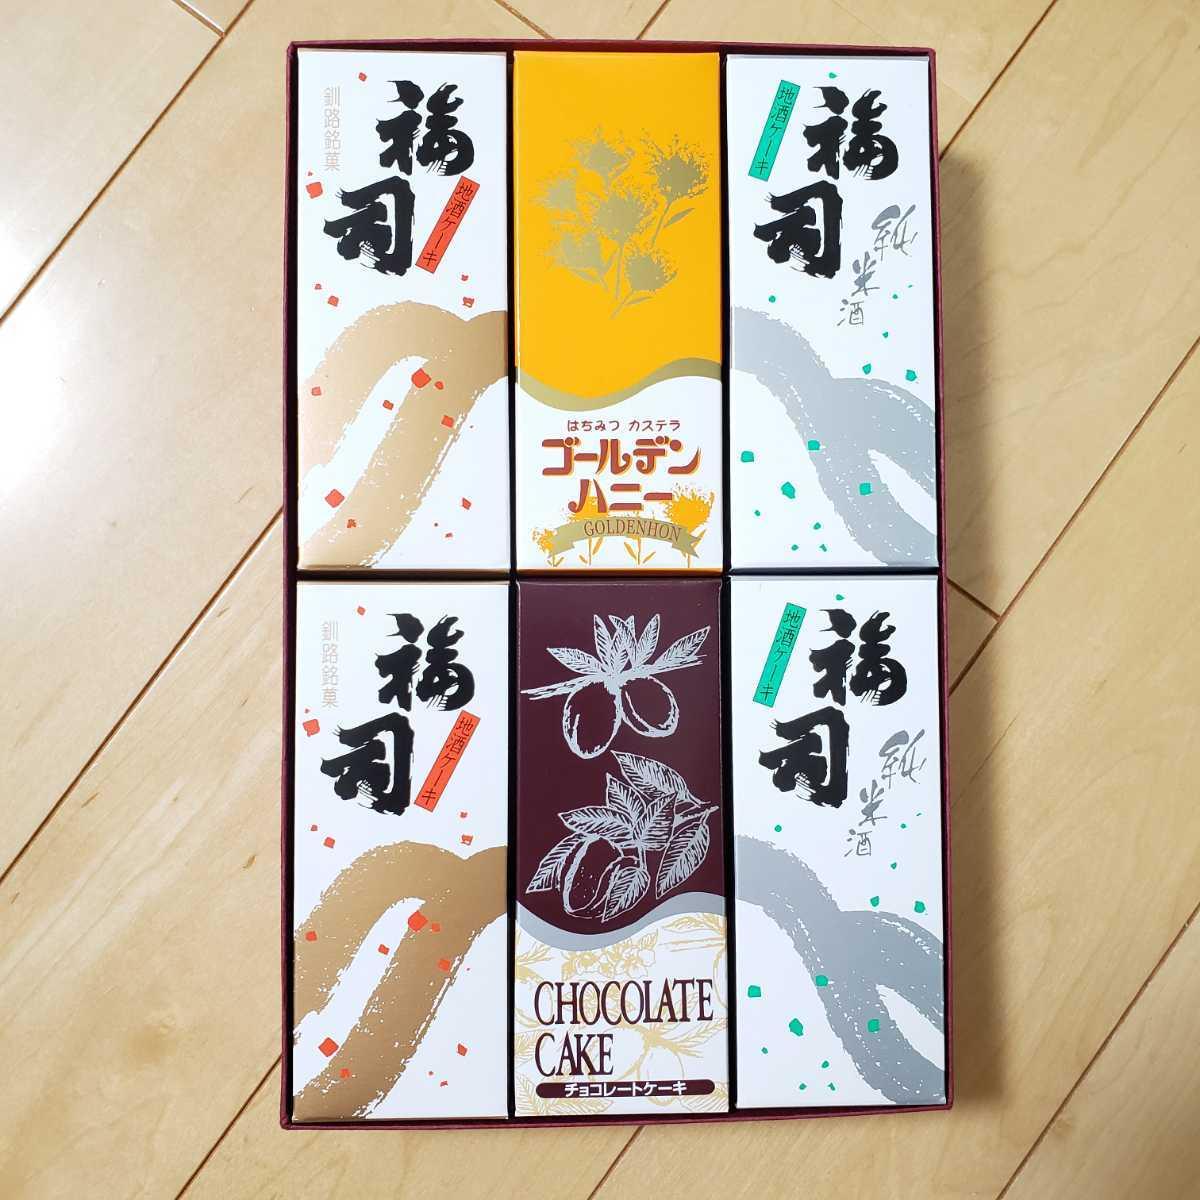 北海道 釧路 なかじま 地酒ケーキ福司 チョコレートケーキ ゴールデンハニー 6点セット お菓子 ケーキ カステラ 焼き菓子 詰め合わせ 新品_画像1